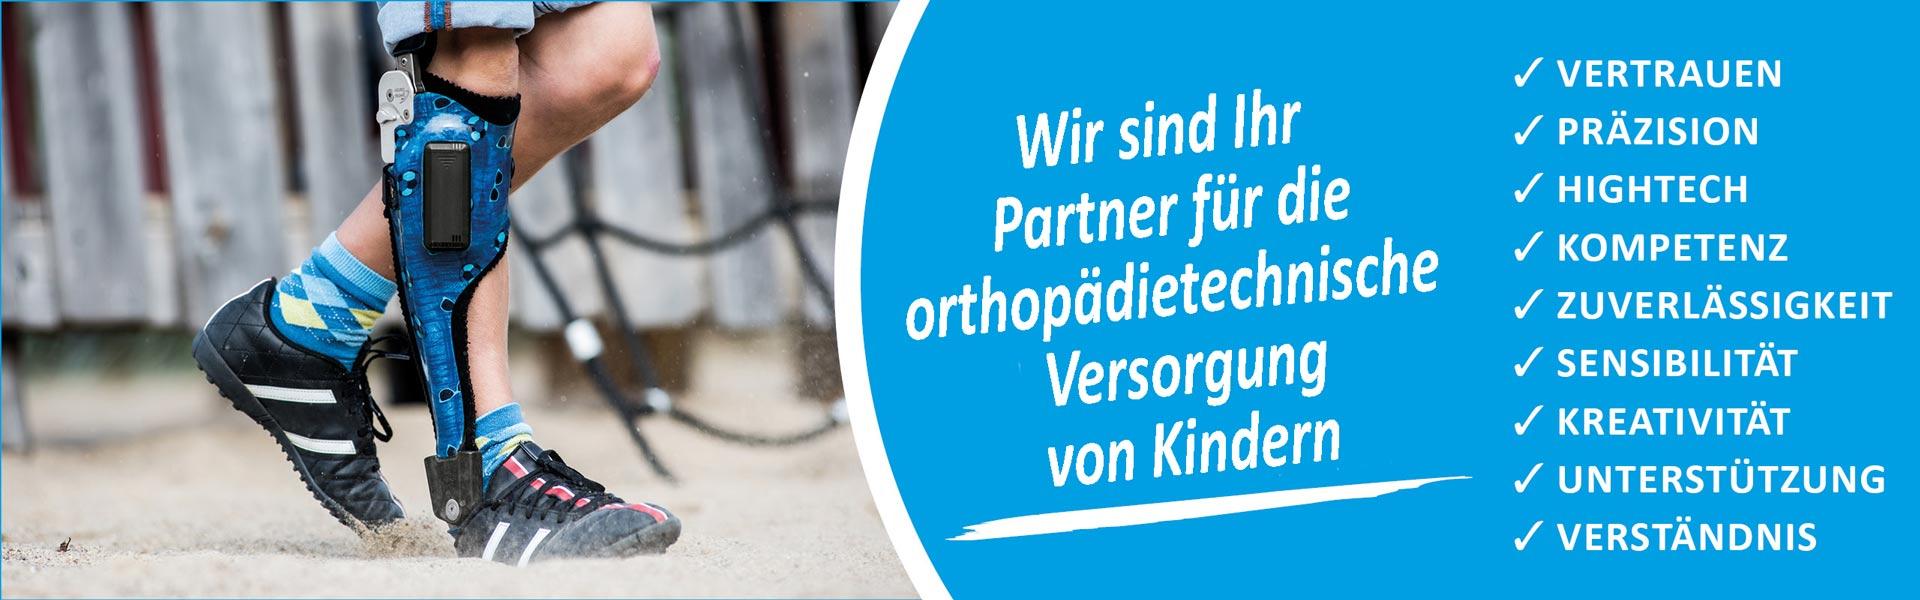 Sanitätshaus Lappe - orthopädietechnische Versorgung von Kindern